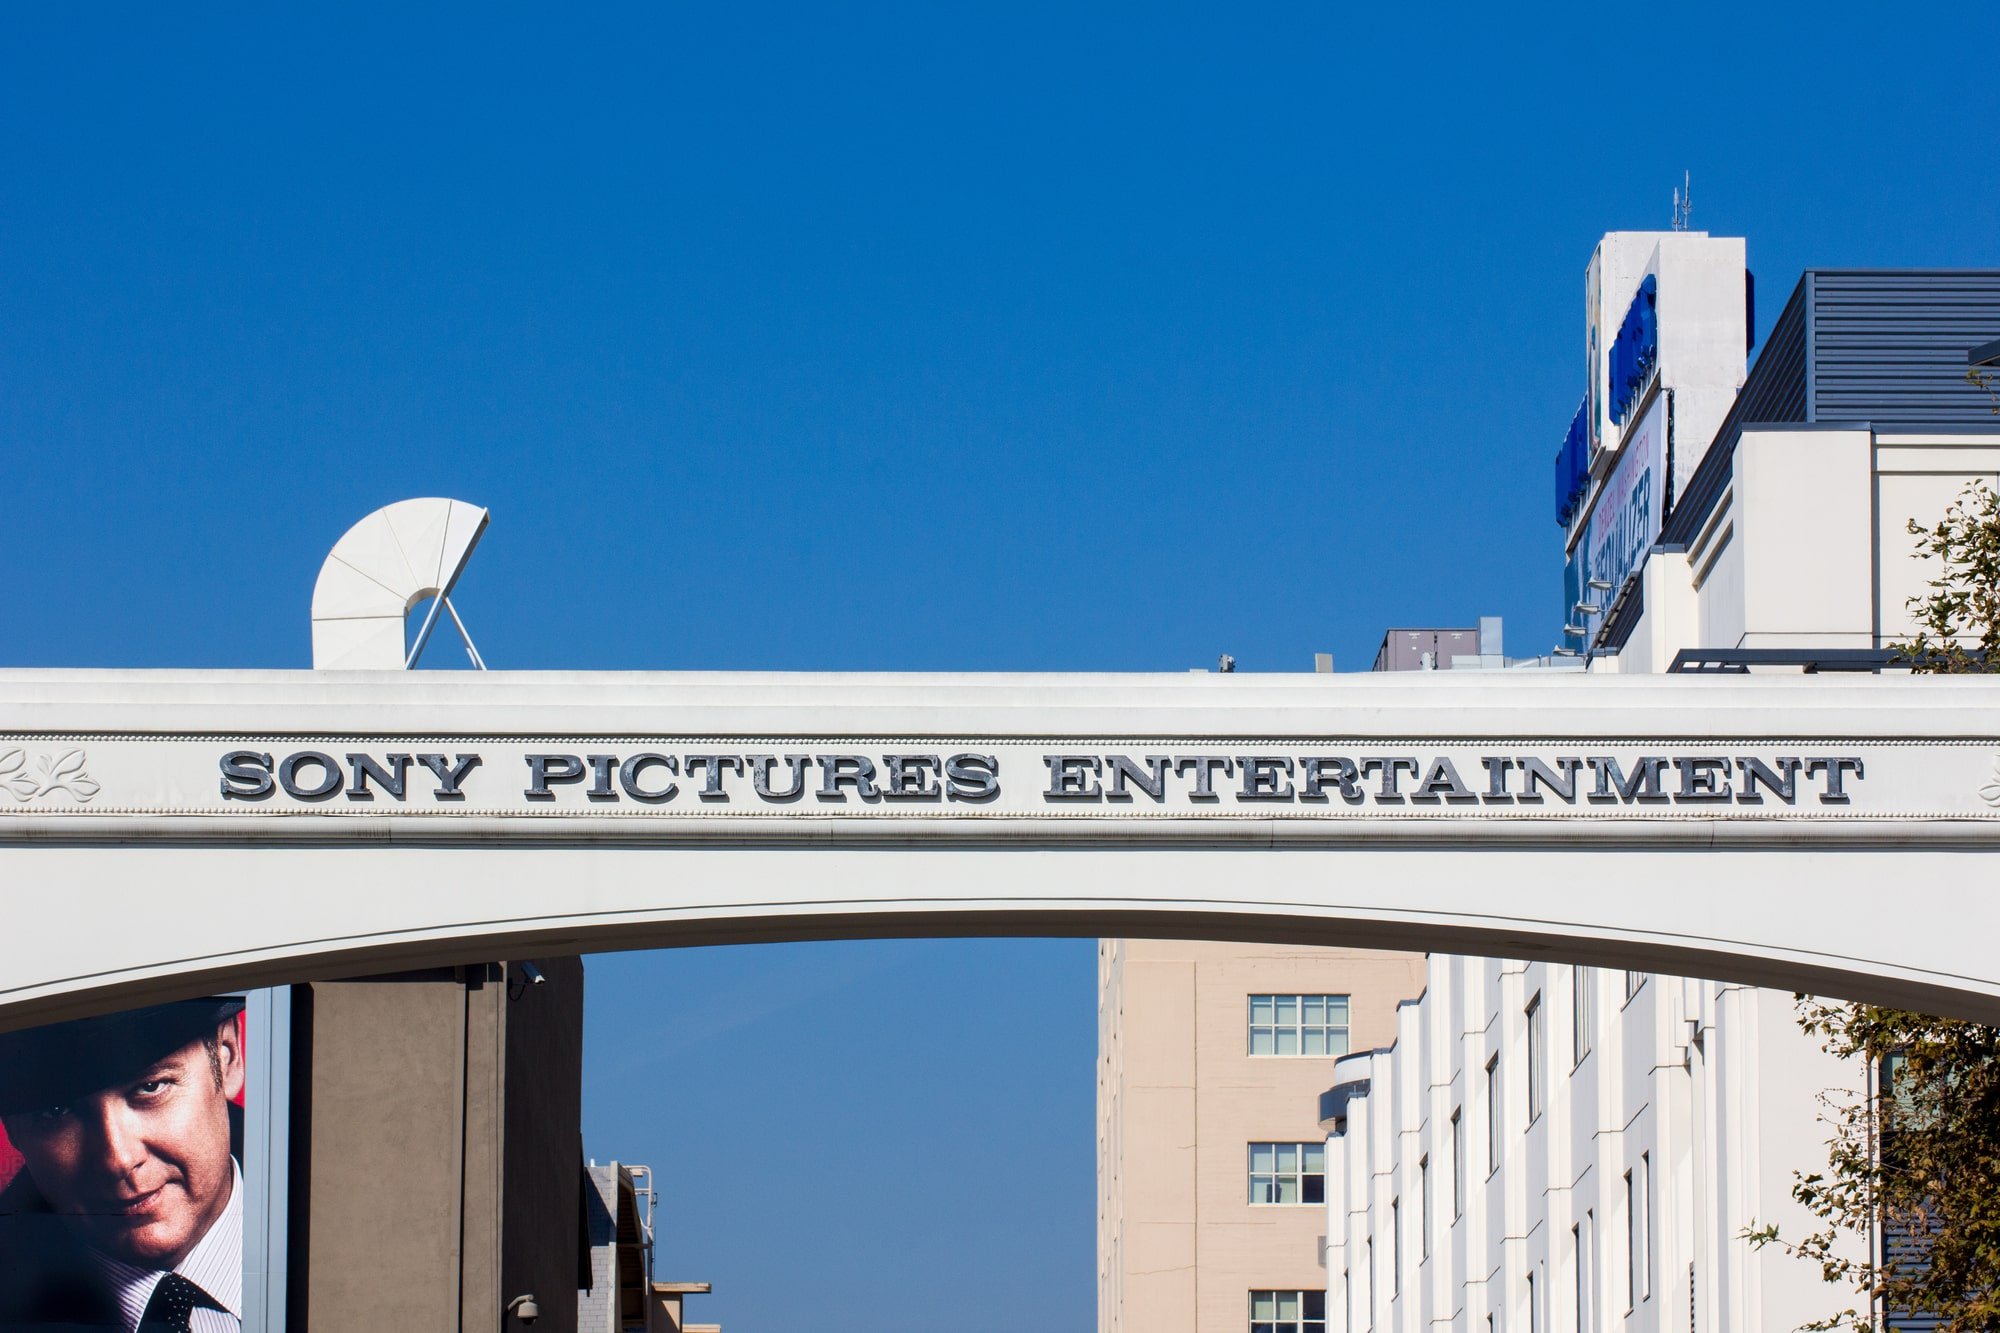 Sony откладывает премьеру фильмов «Золушка», Uncharted, «Морбиус», «Охотники за привидениями 3» и «Кролик Питер 2»